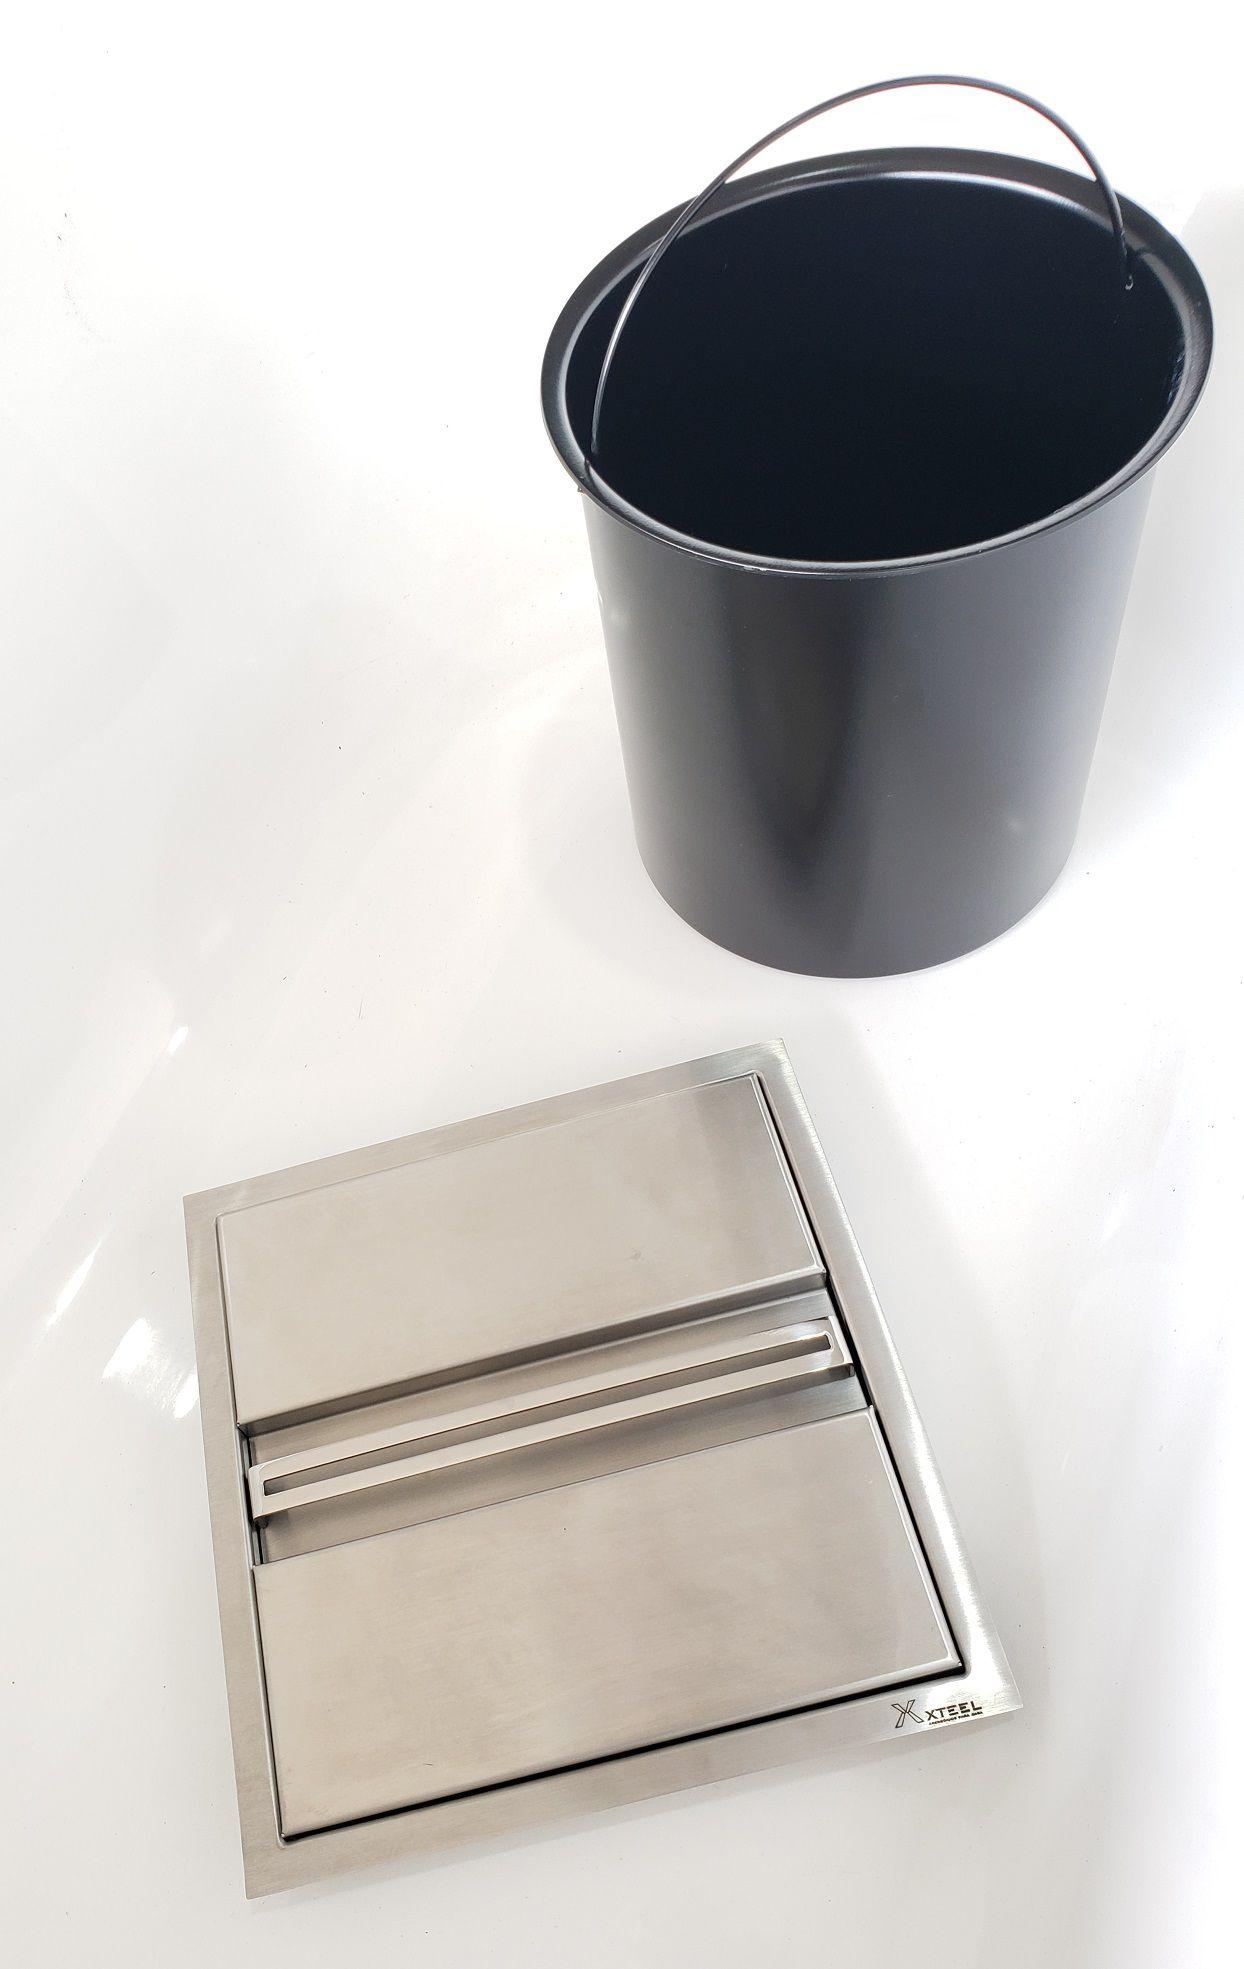 Lixeira de Embutir Inox Quadrada 3L